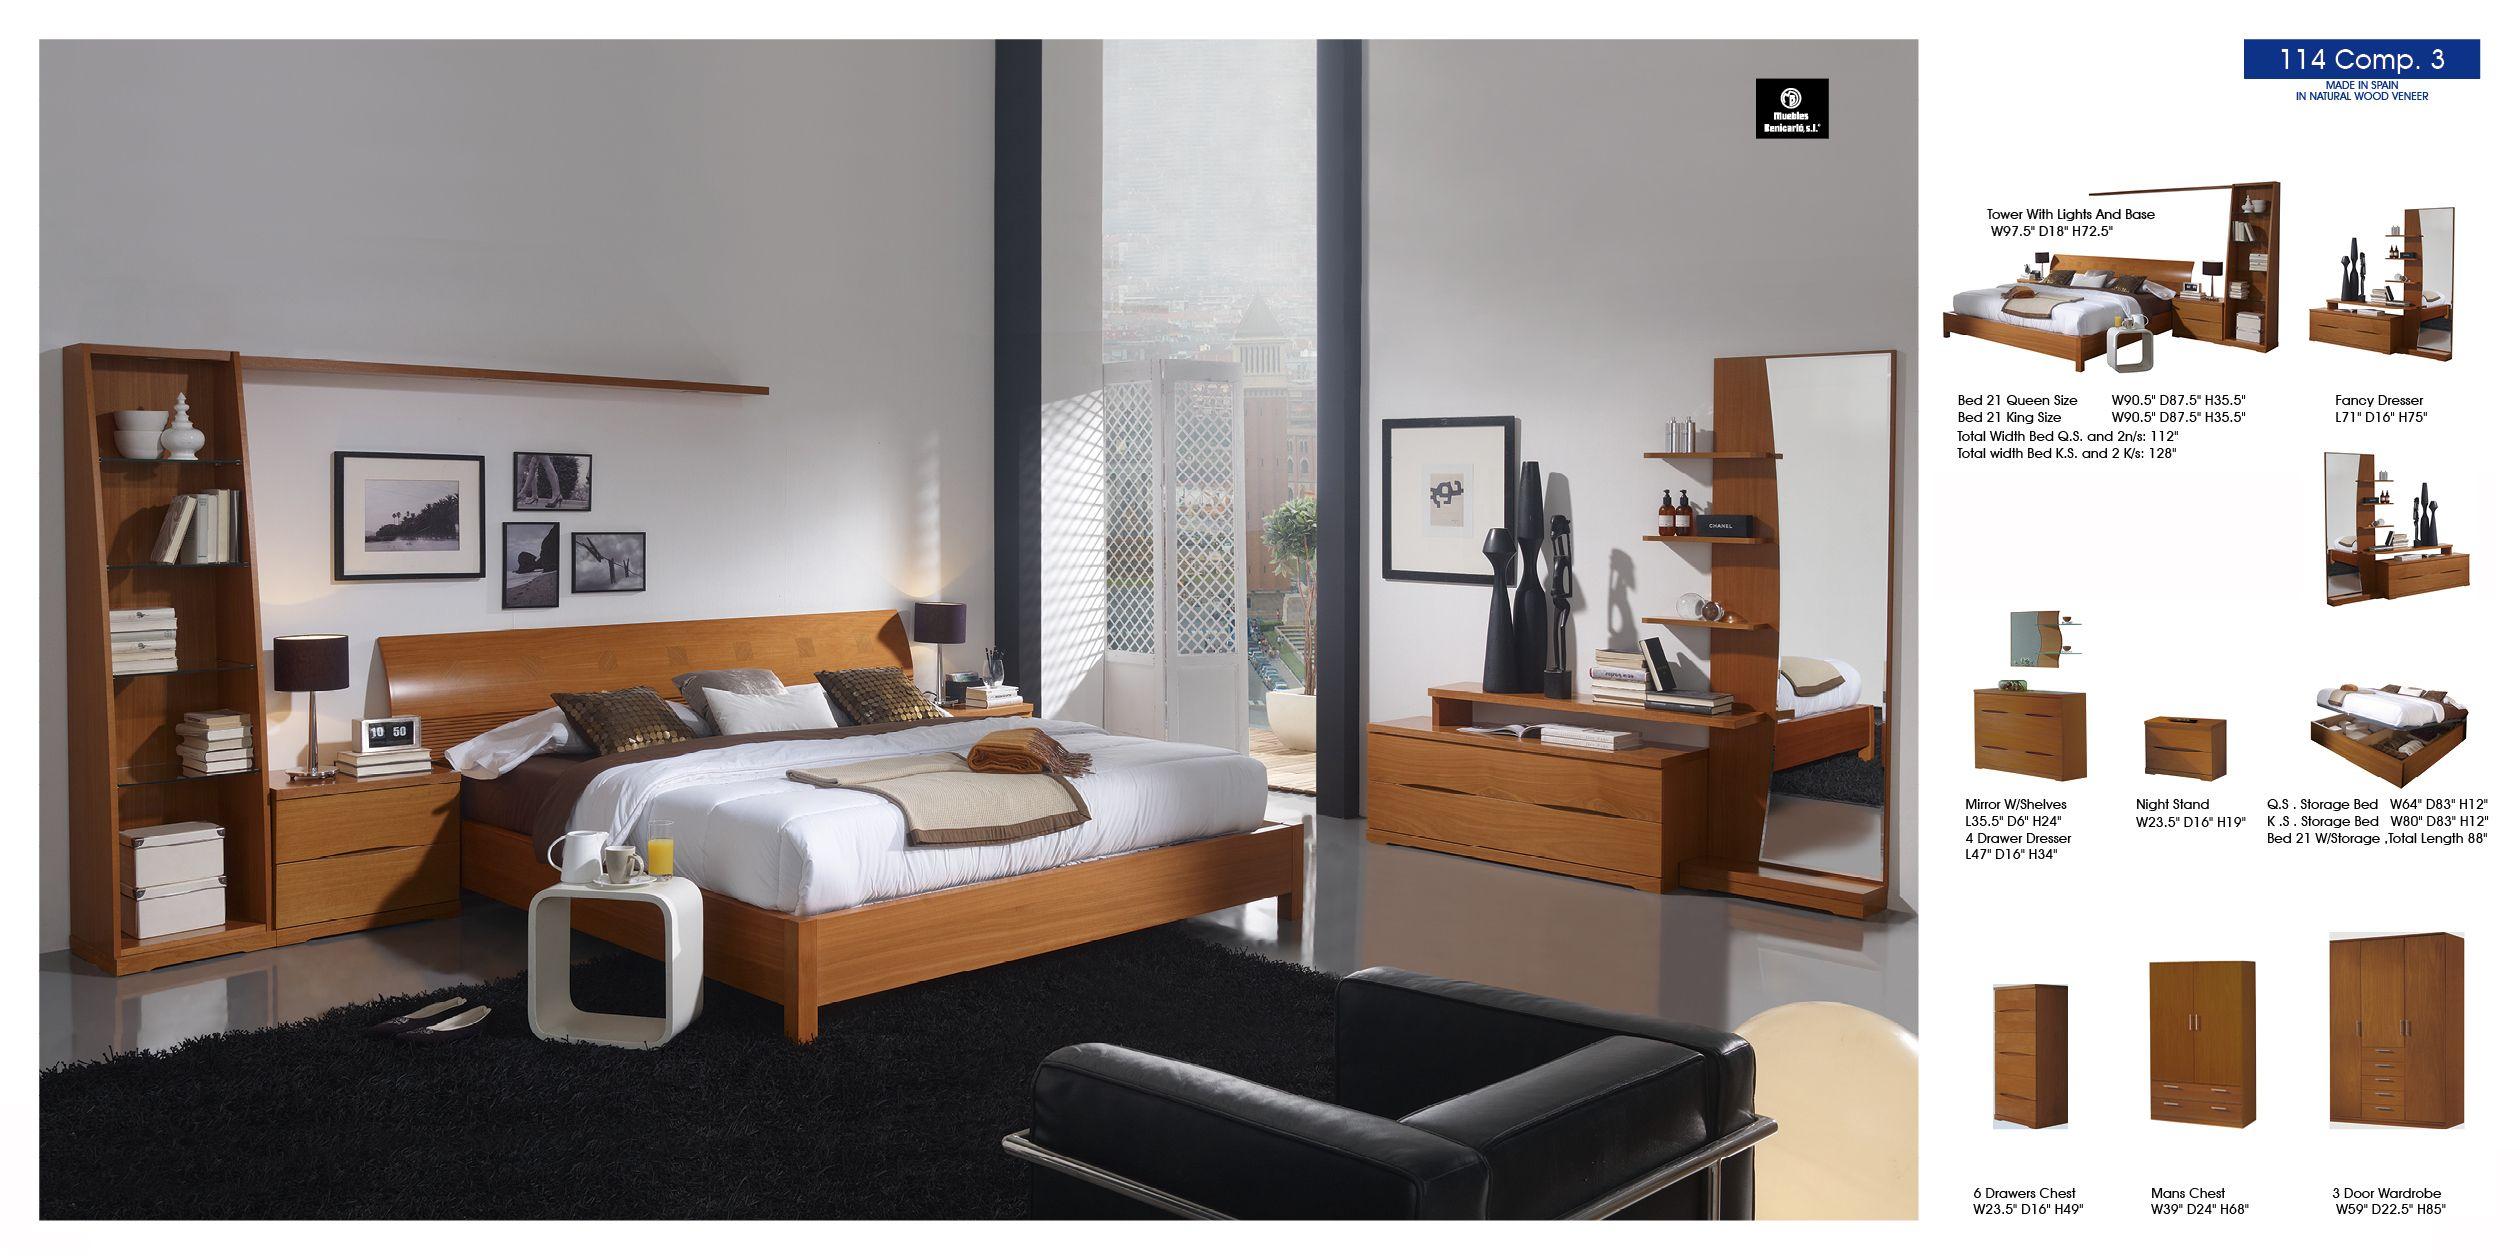 114 Composition 3 Modern Bedroom Modern Bedroom Modern Bedroom